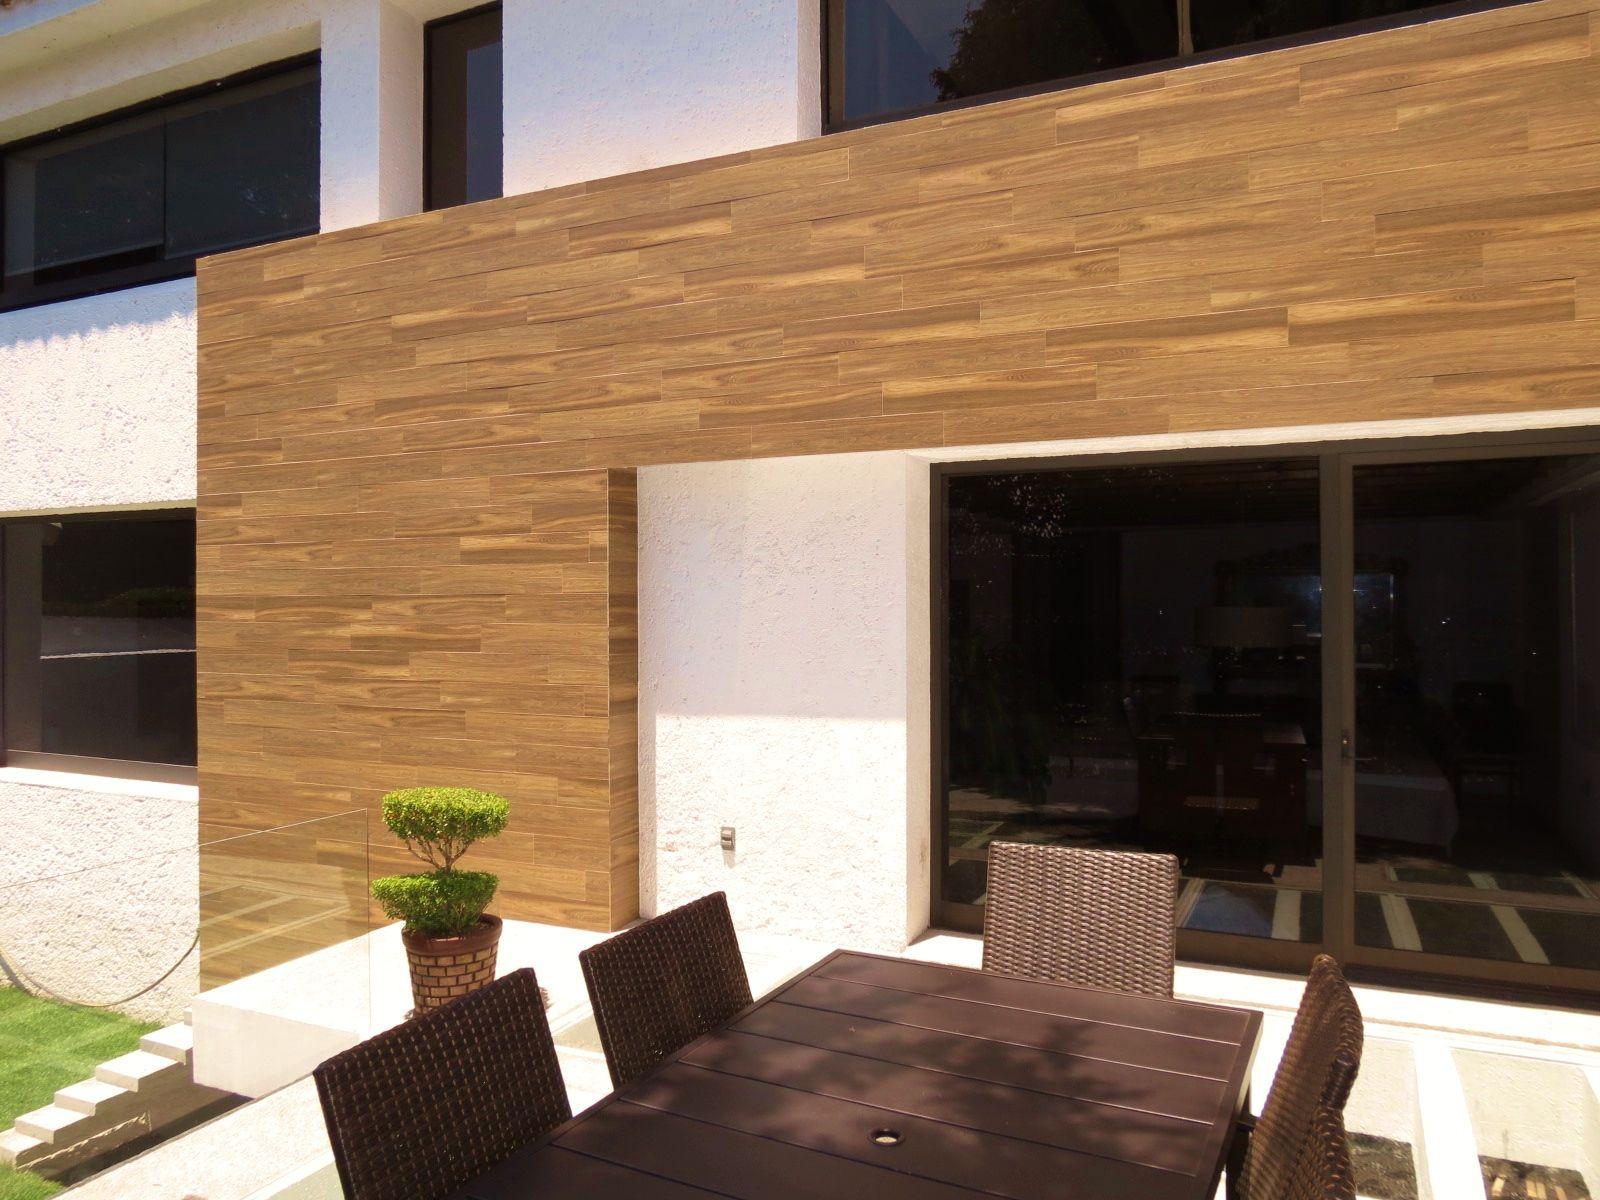 Tratamiento de la fachada con cer mica porcel nica - Imitacion madera para fachadas ...